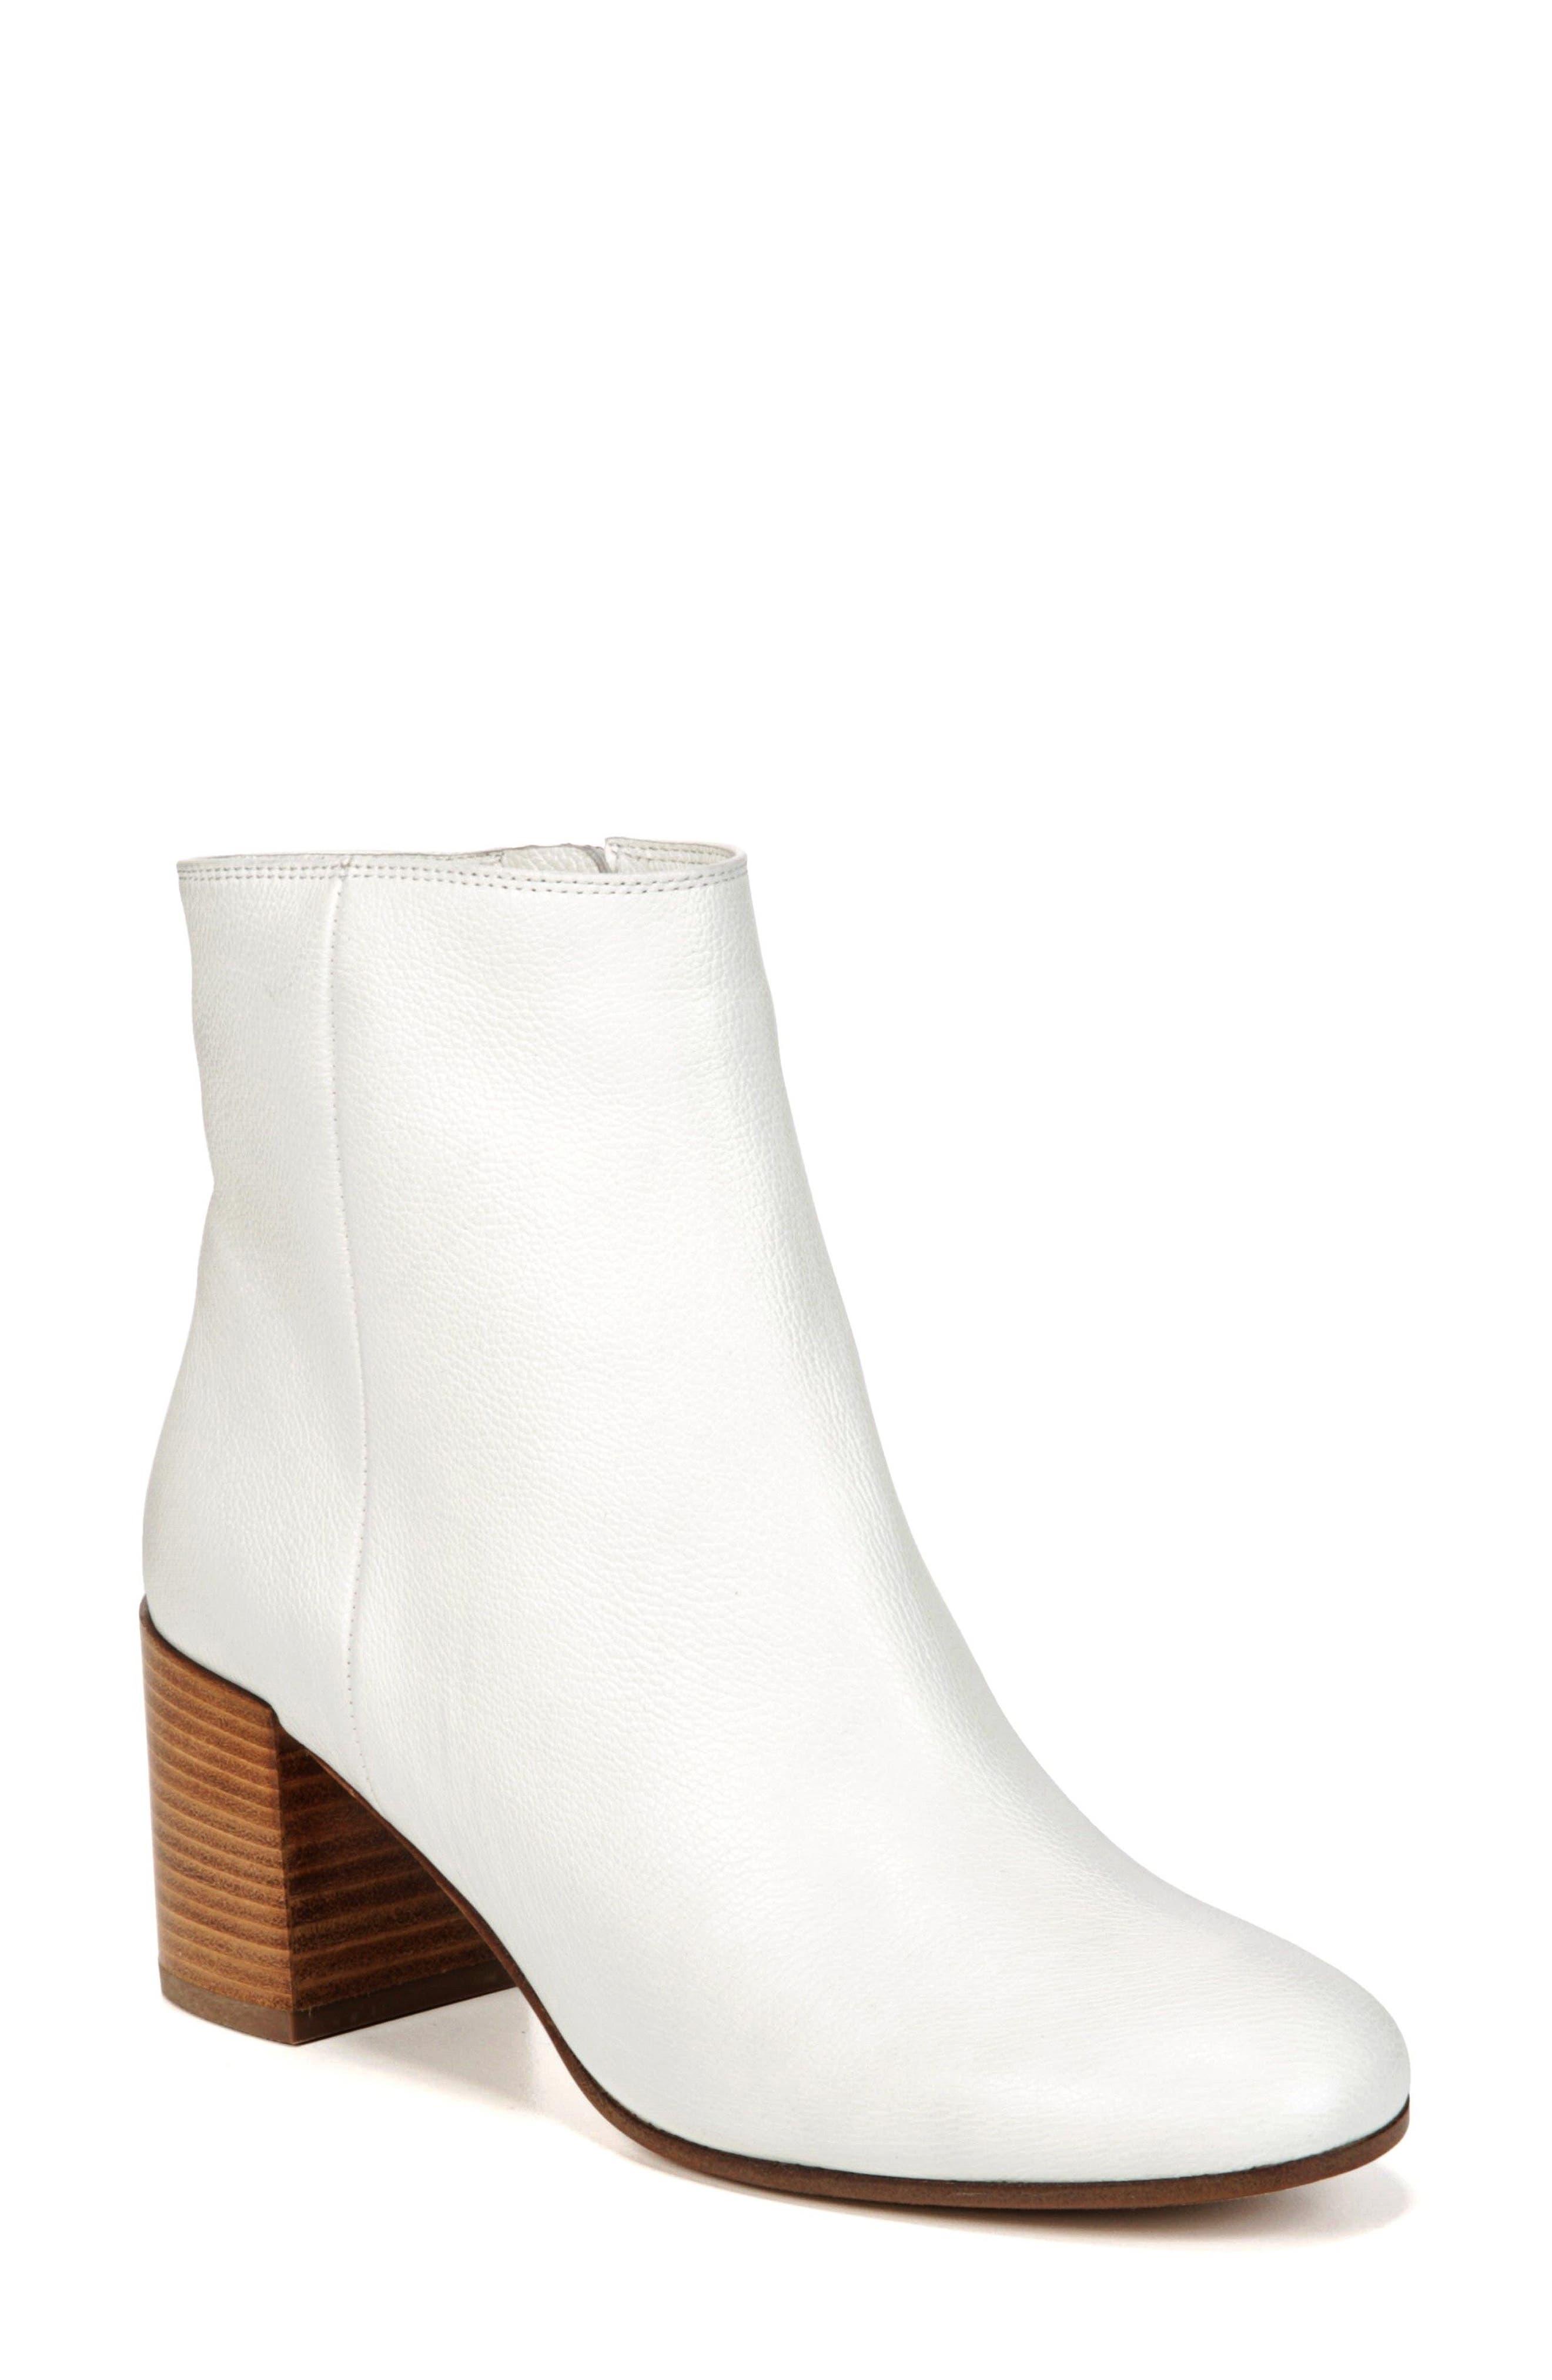 VINCE 'Blakely' Block Heel Bootie, Main, color, 101